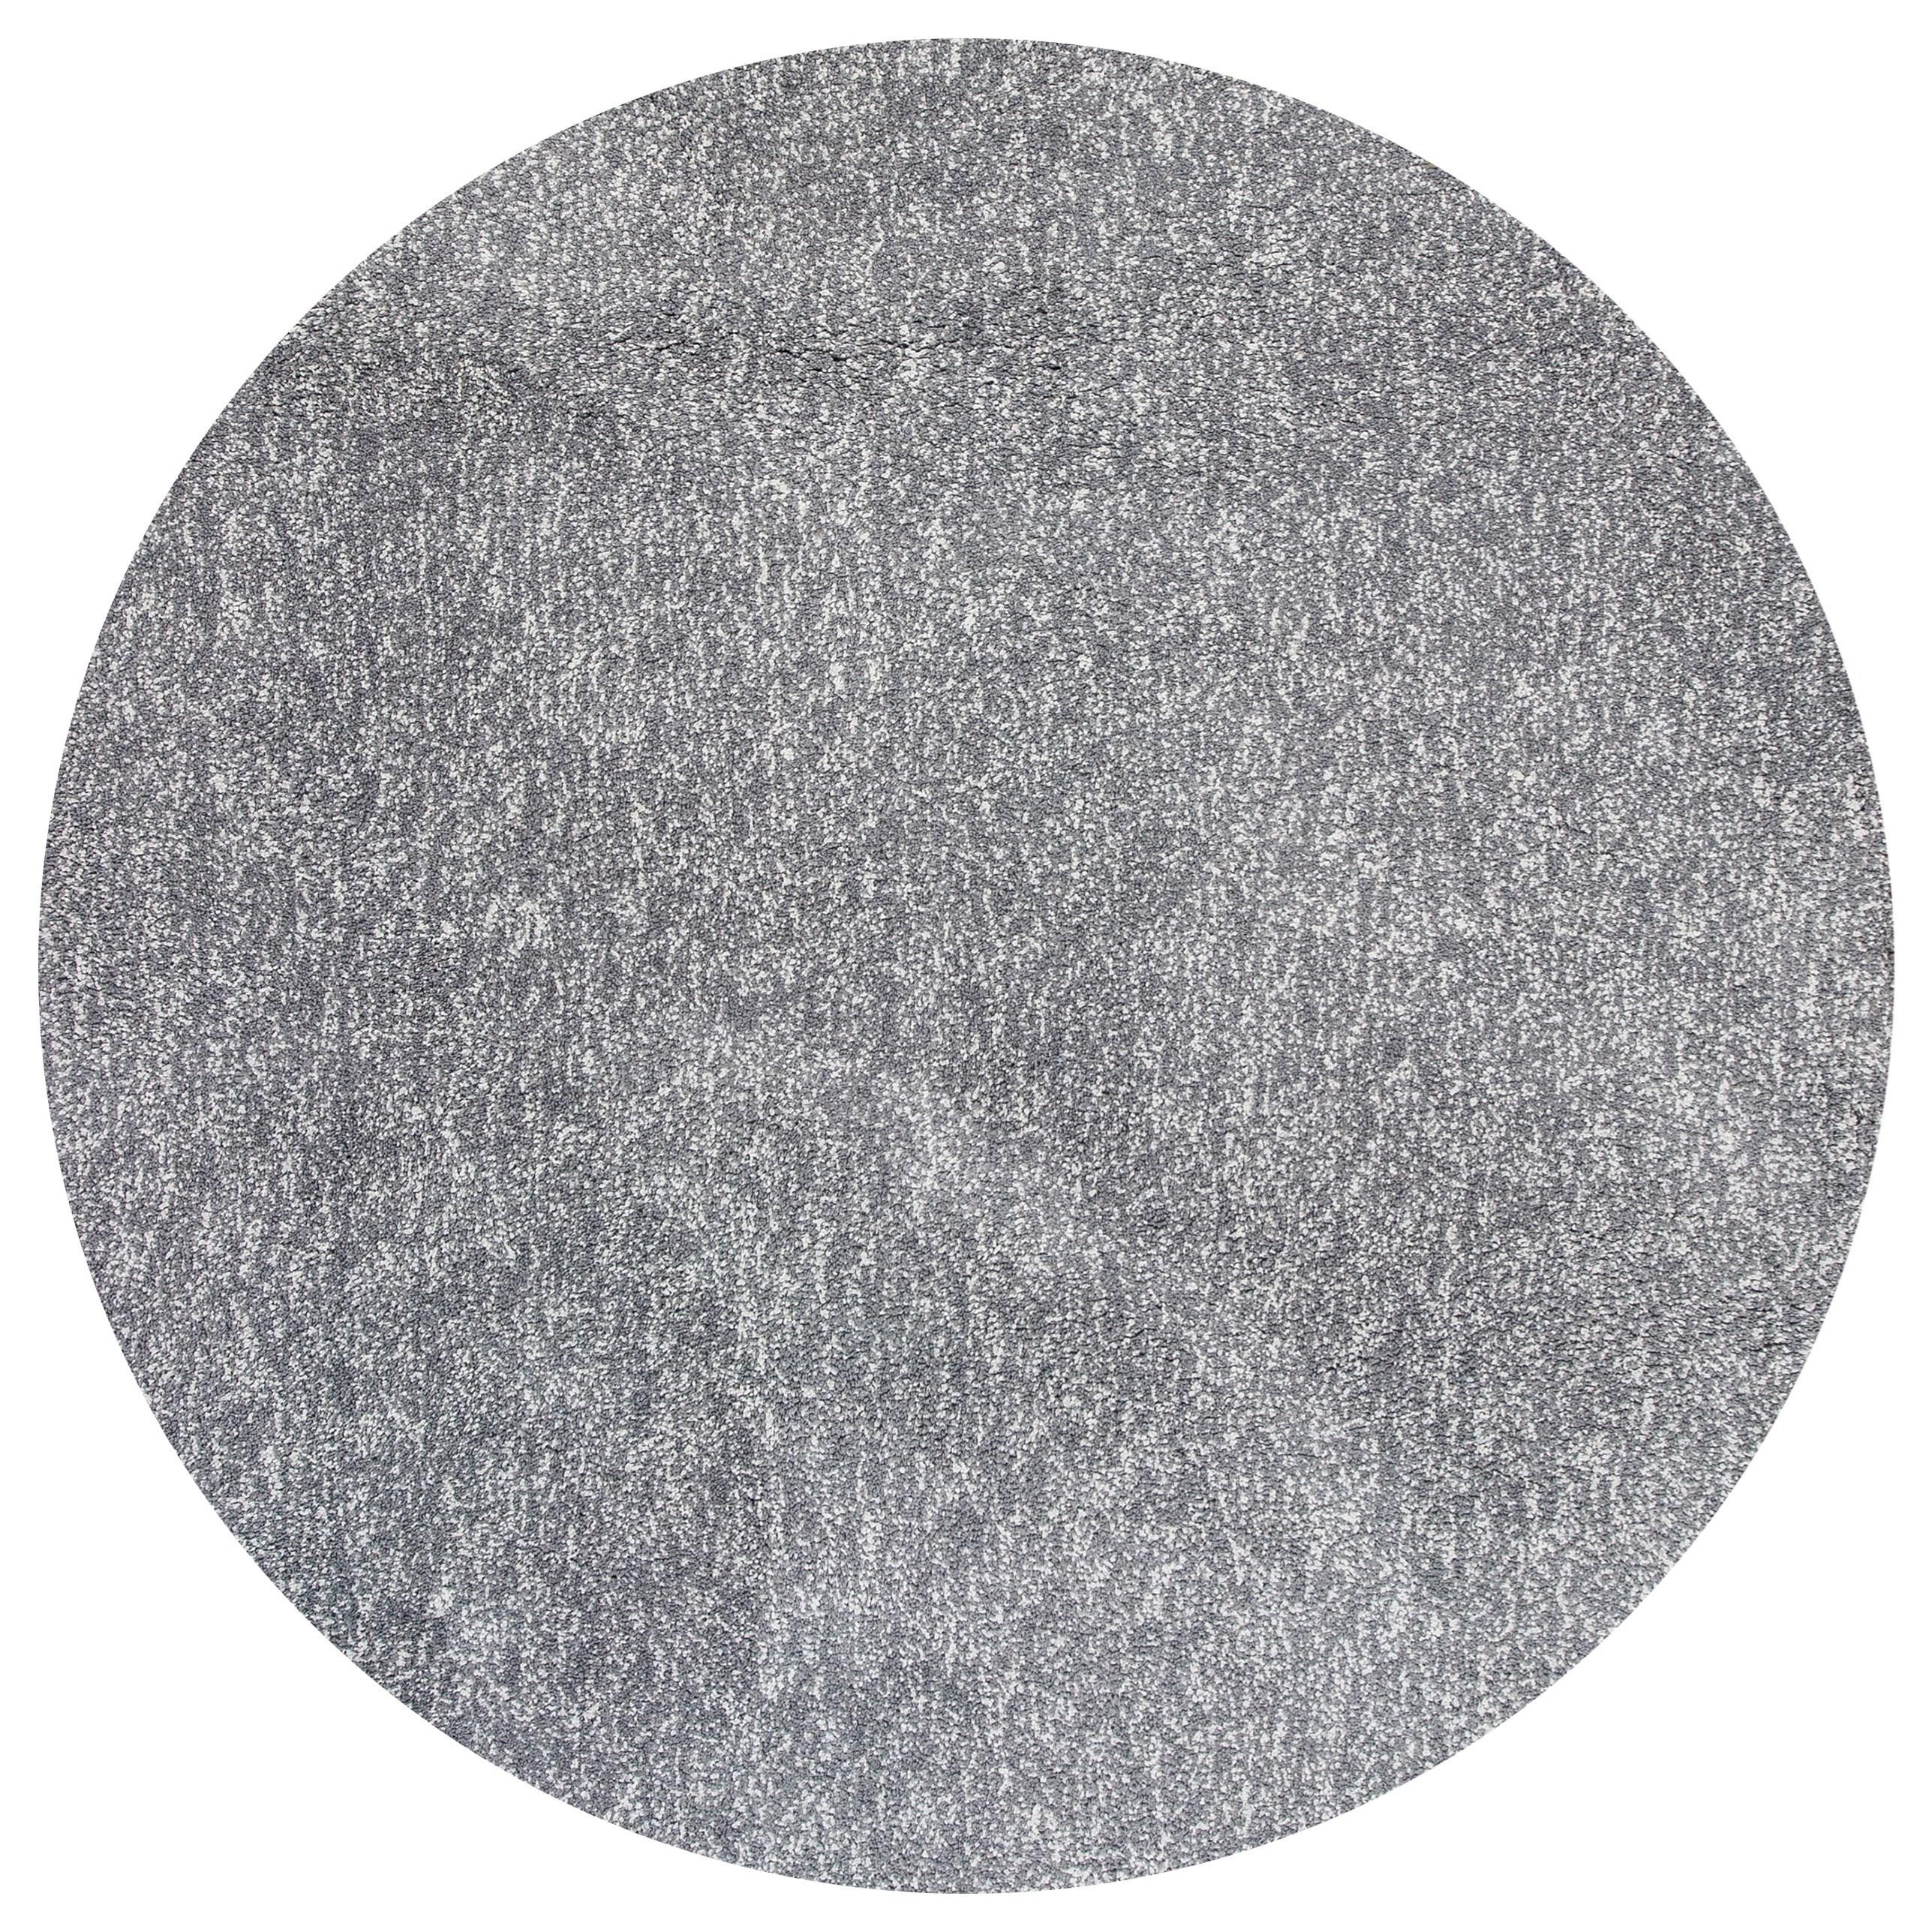 8' X 8' Grey Heather Shag Area Rug